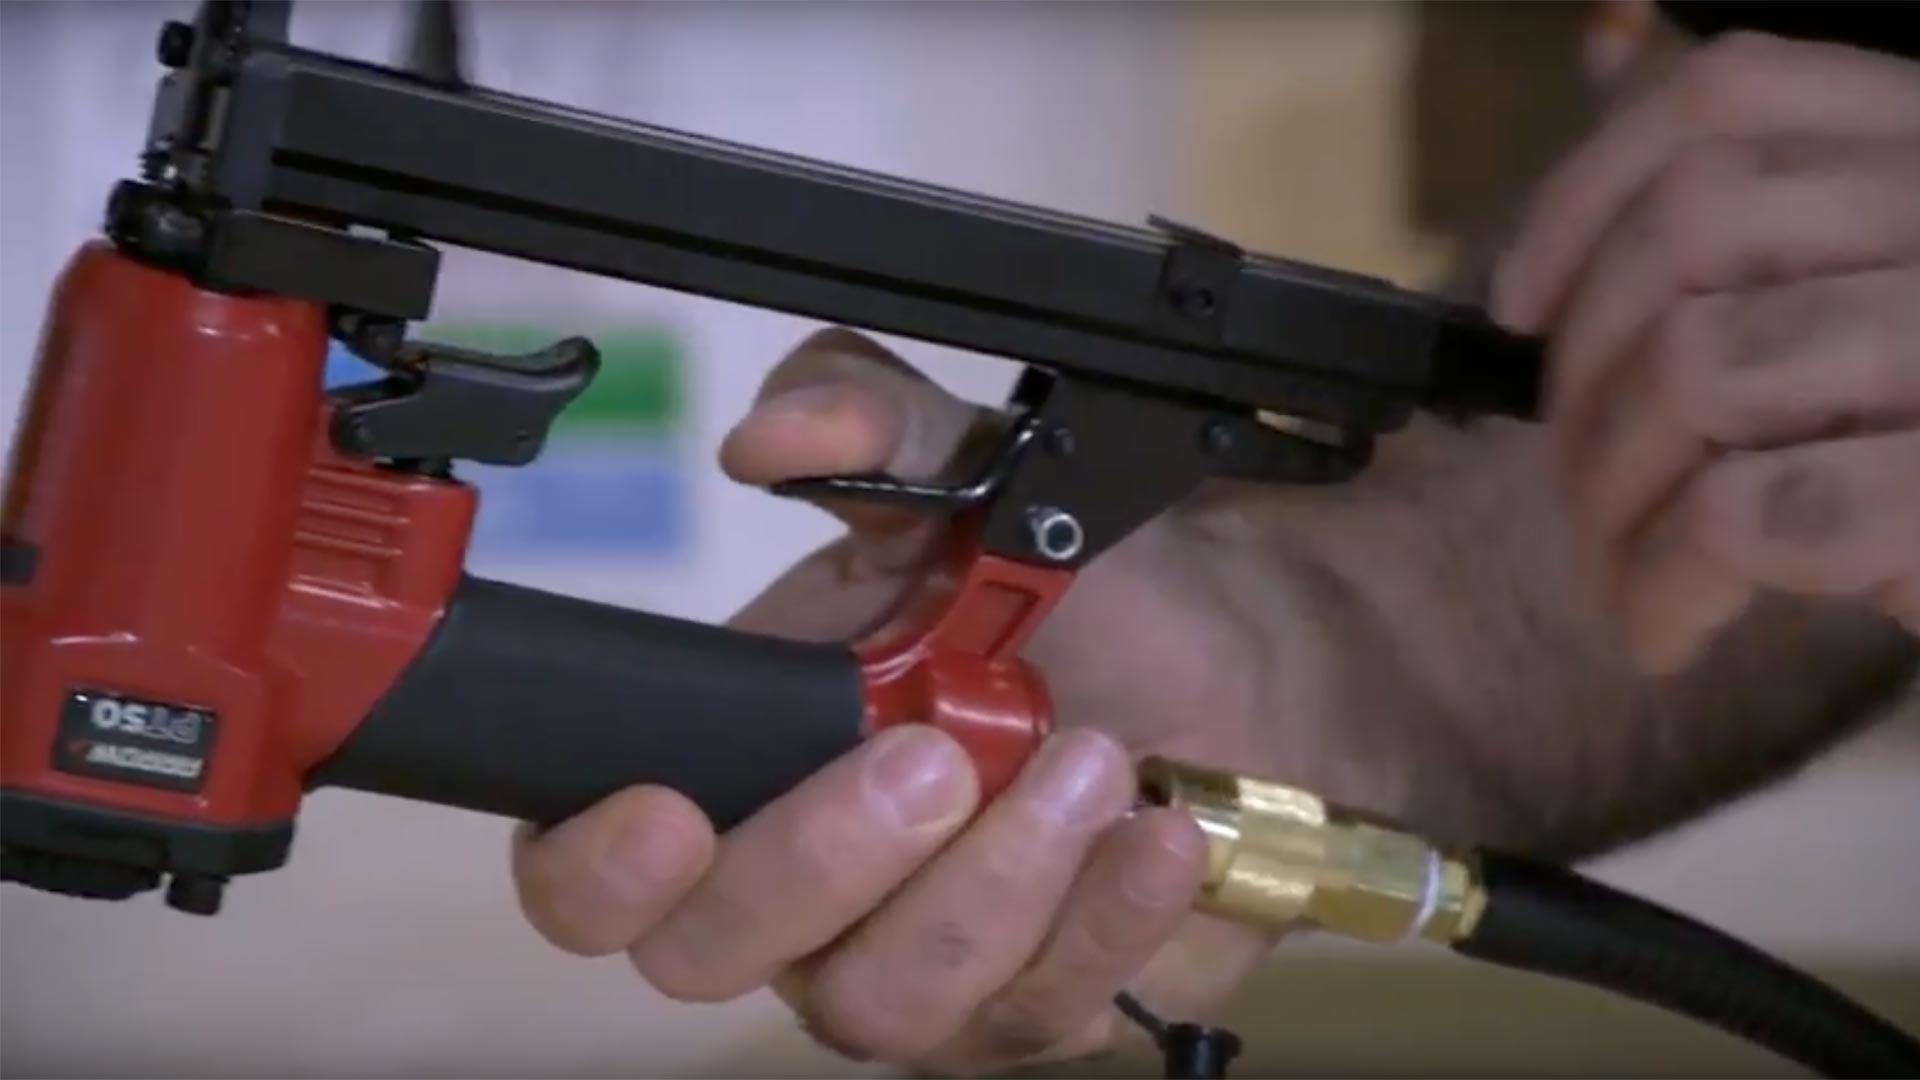 PT50 Pneumatic Staple Gun